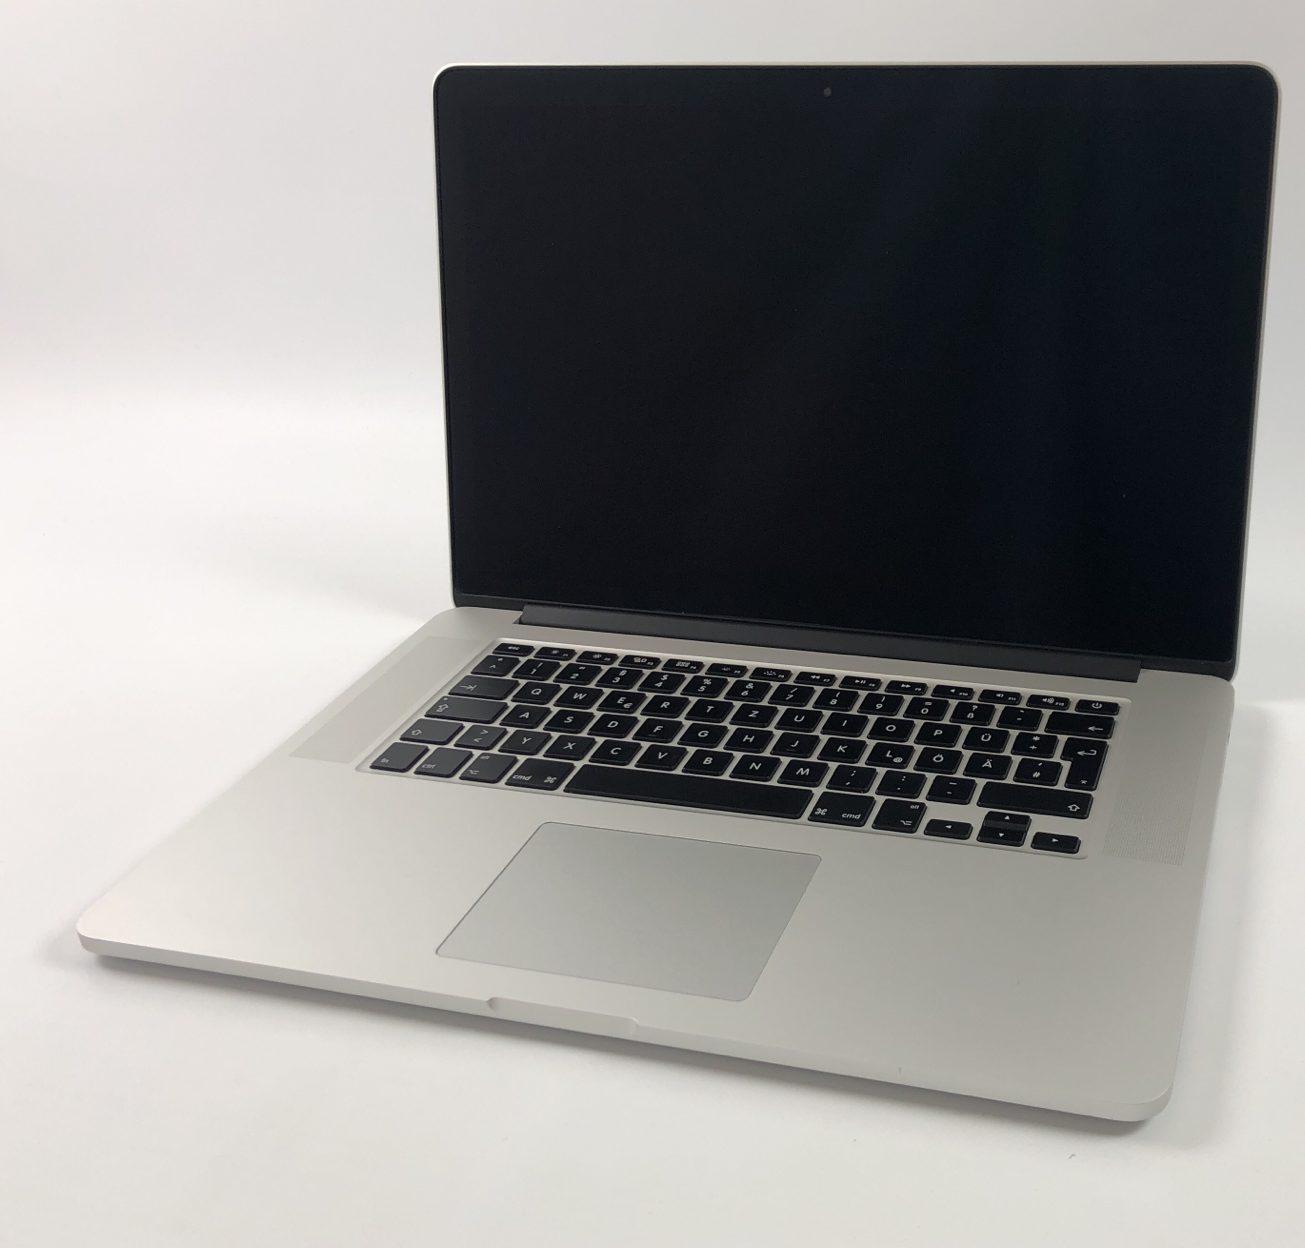 """MacBook Pro Retina 15"""" Mid 2014 (Intel Quad-Core i7 2.8 GHz 16 GB RAM 512 GB SSD), Intel Quad-Core i7 2.8 GHz, 16 GB RAM, 512 GB SSD, Bild 1"""